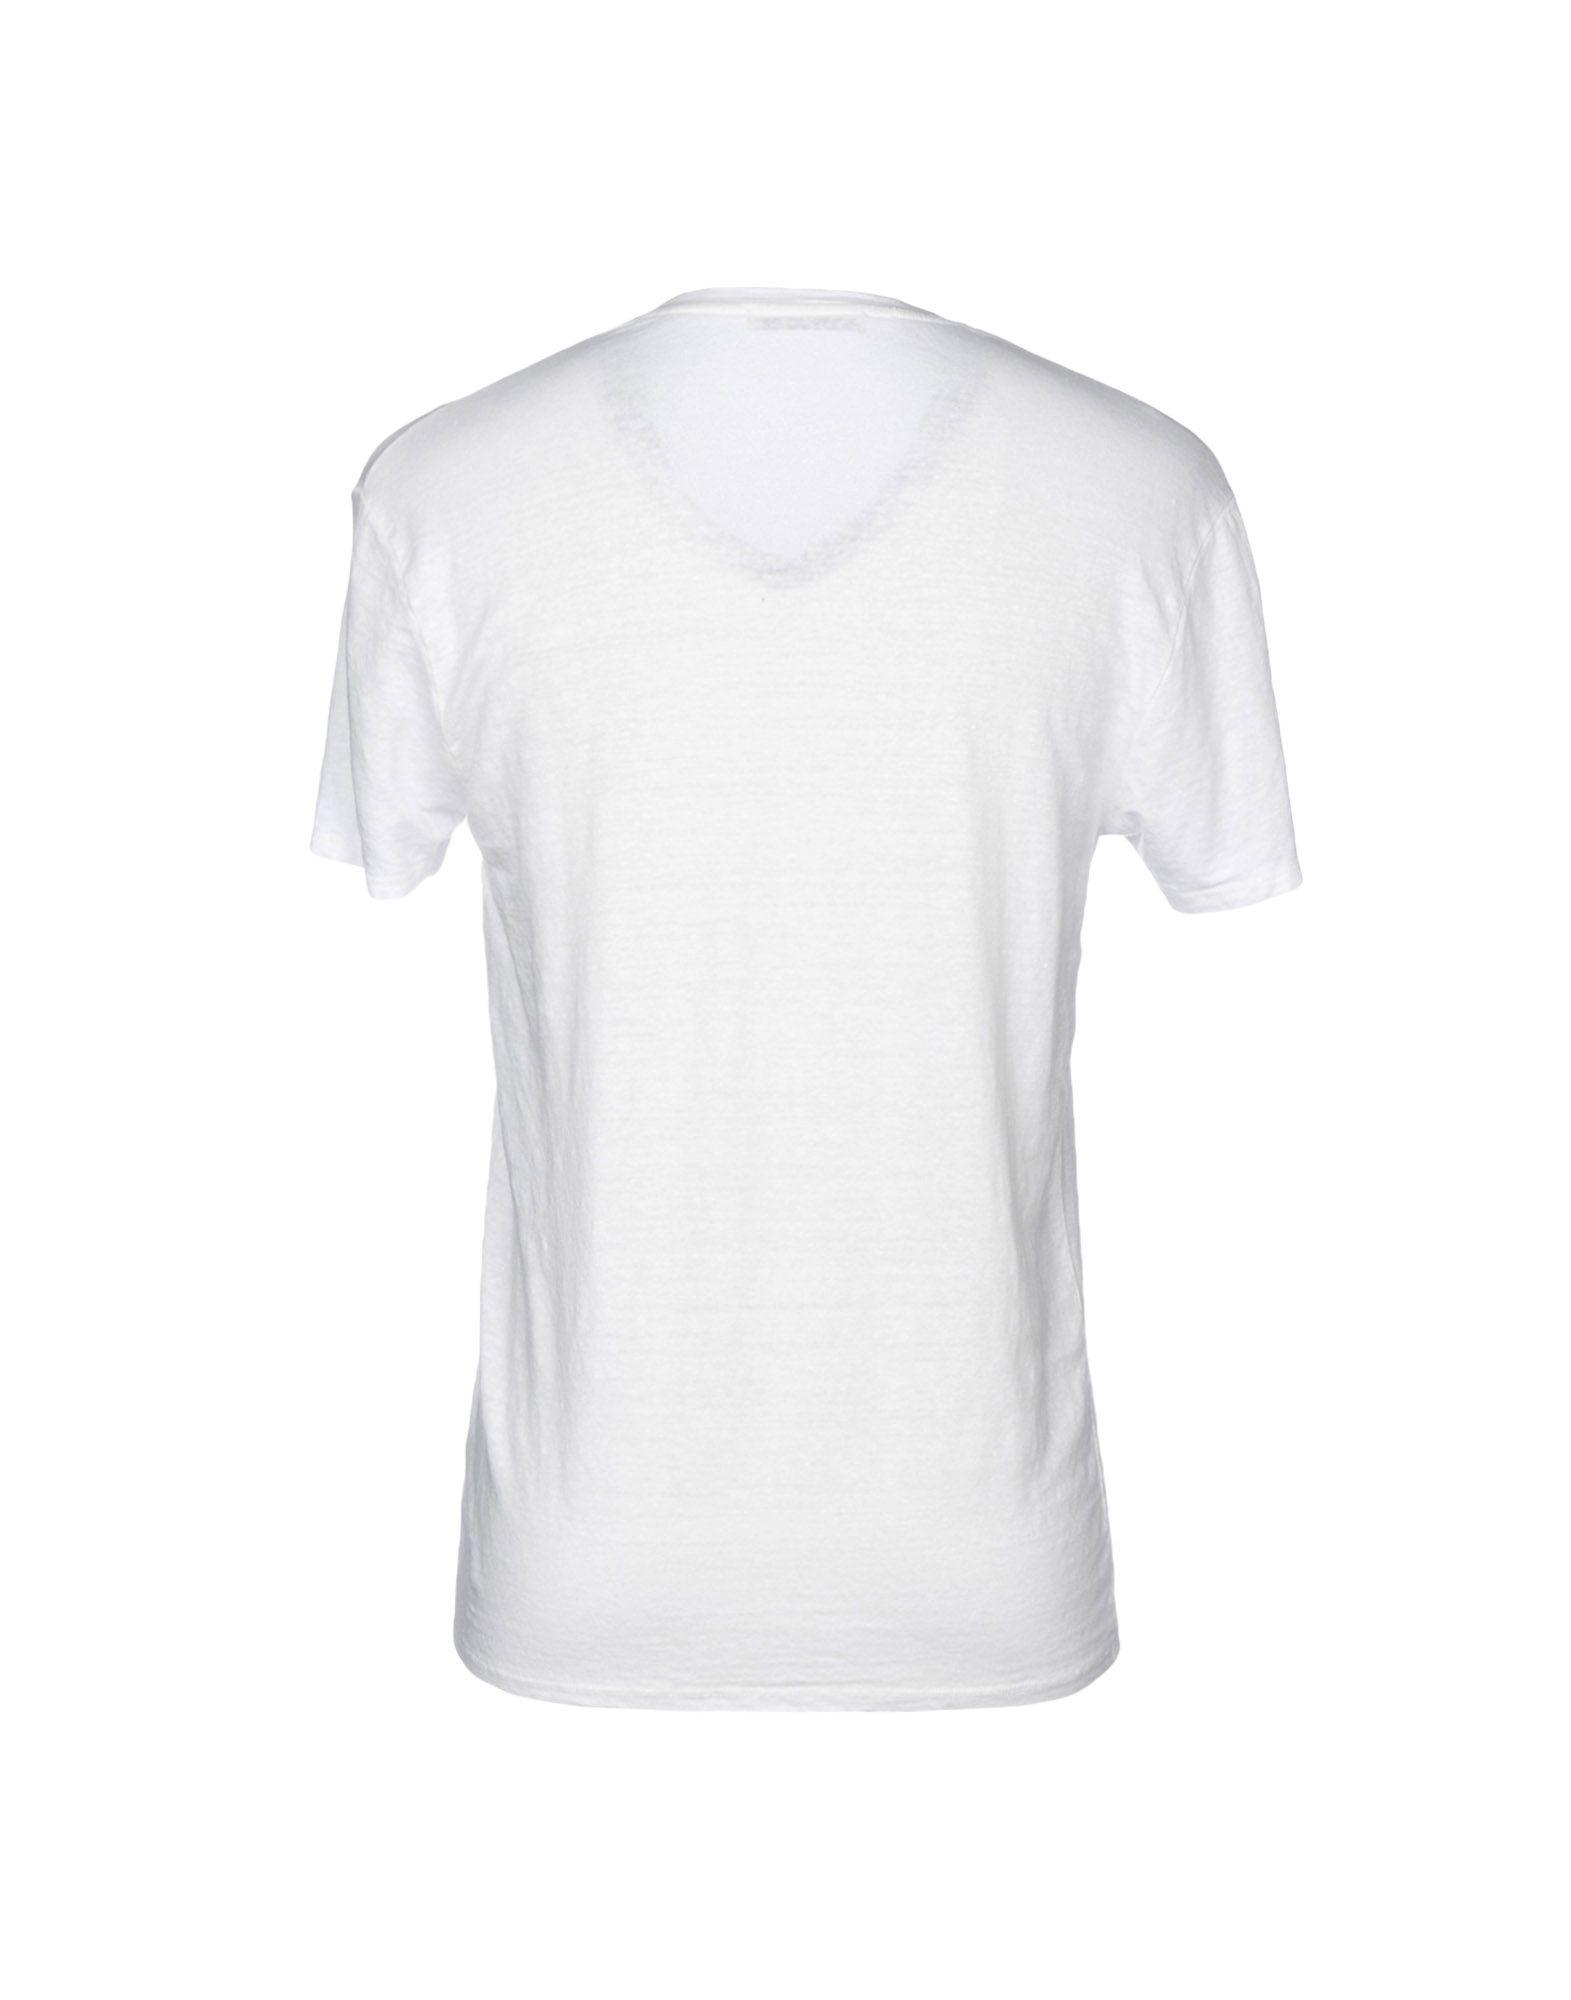 T-Shirt Daniele Uomo Fiesoli Uomo Daniele - 12210323WW a752a5